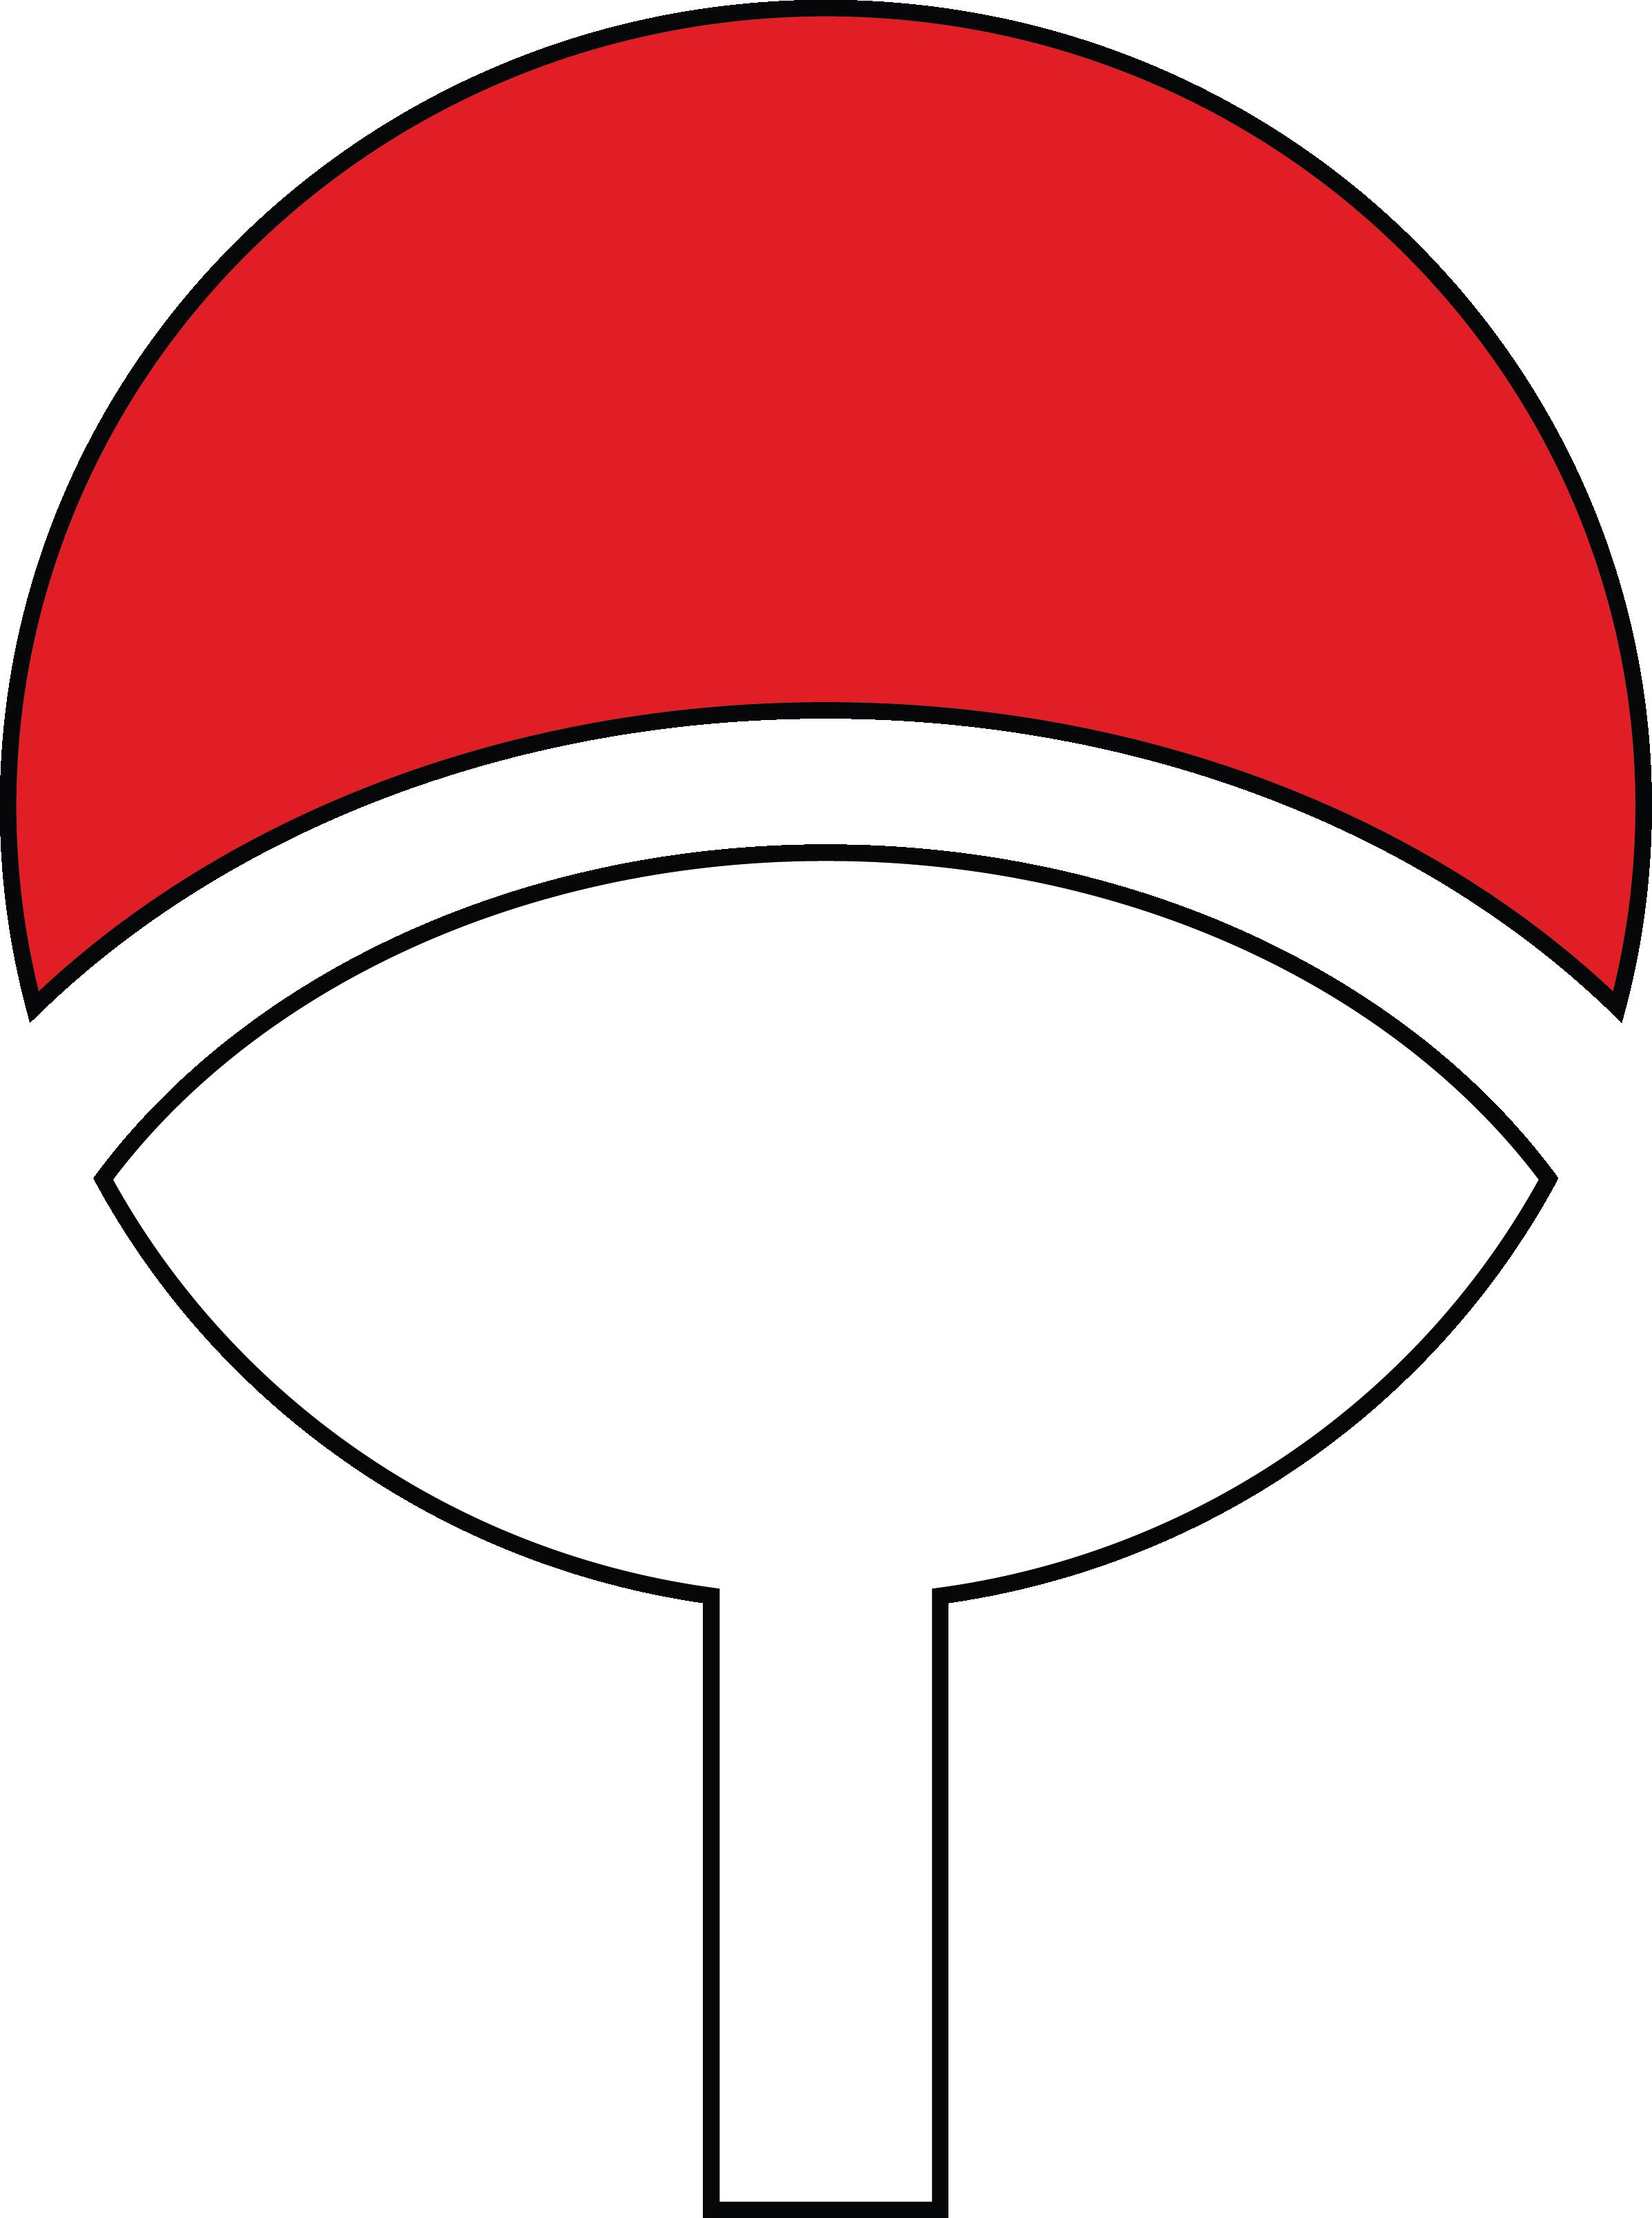 uchiha symbol tattoo - photo #33